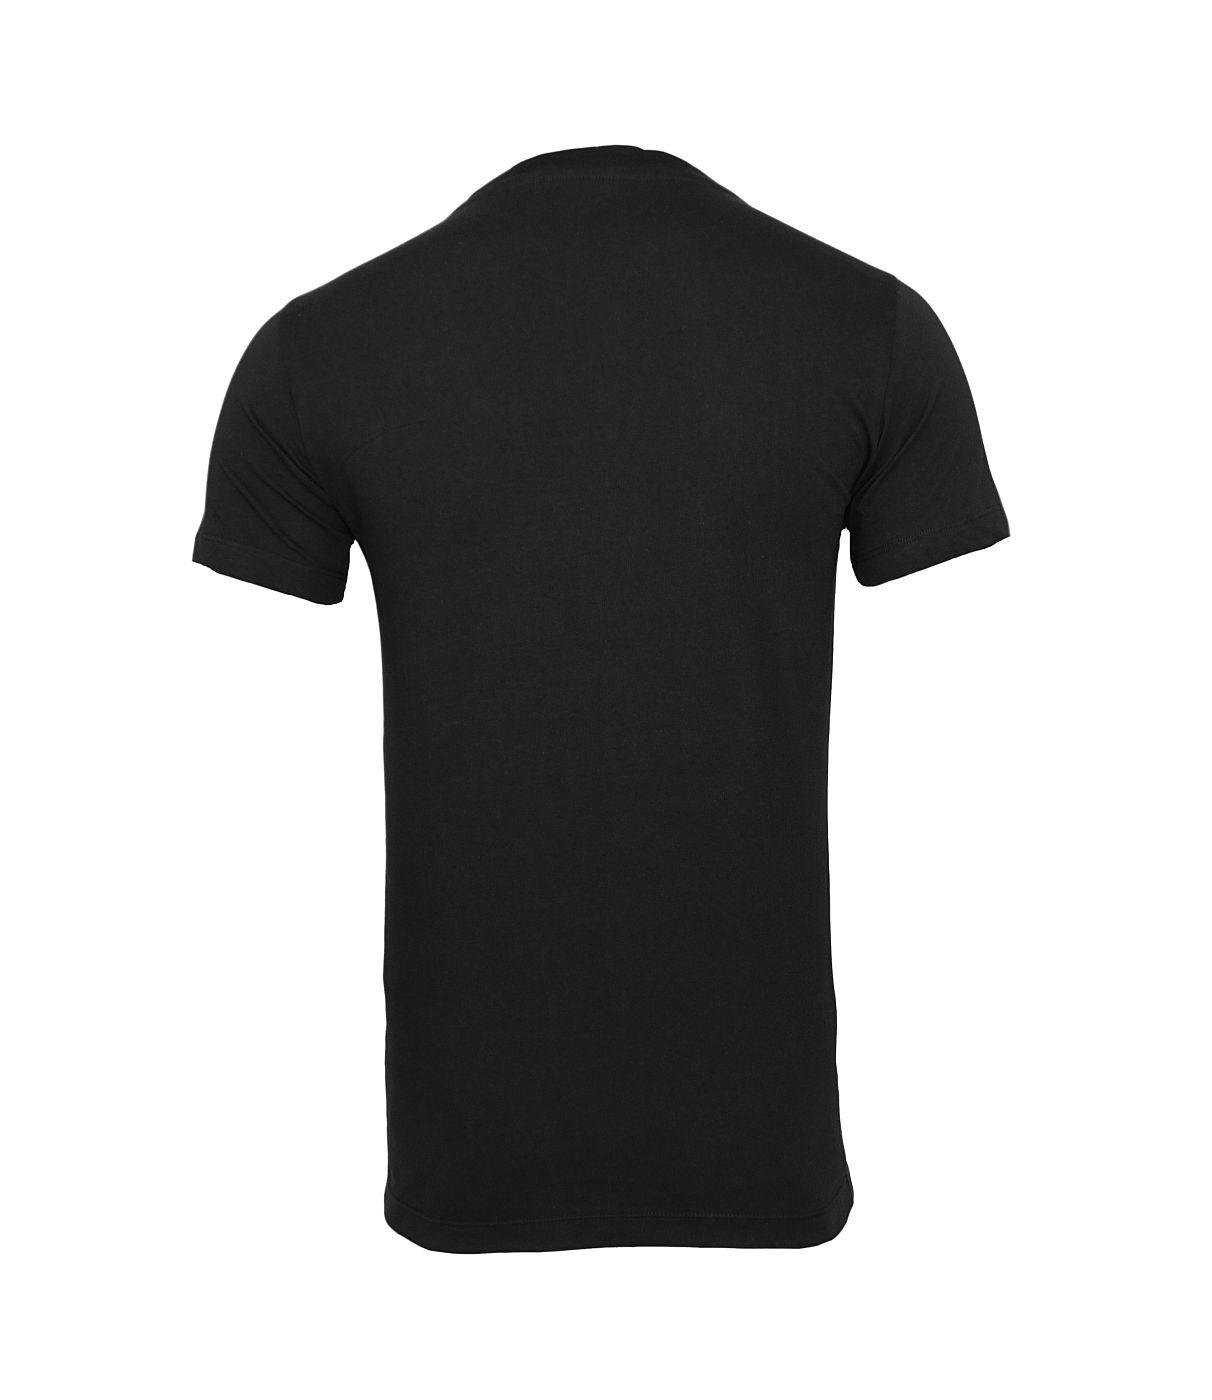 Replay 2er Pack T-Shirts V-Ausschnitt M3589 22602 020 black S18-RPT1